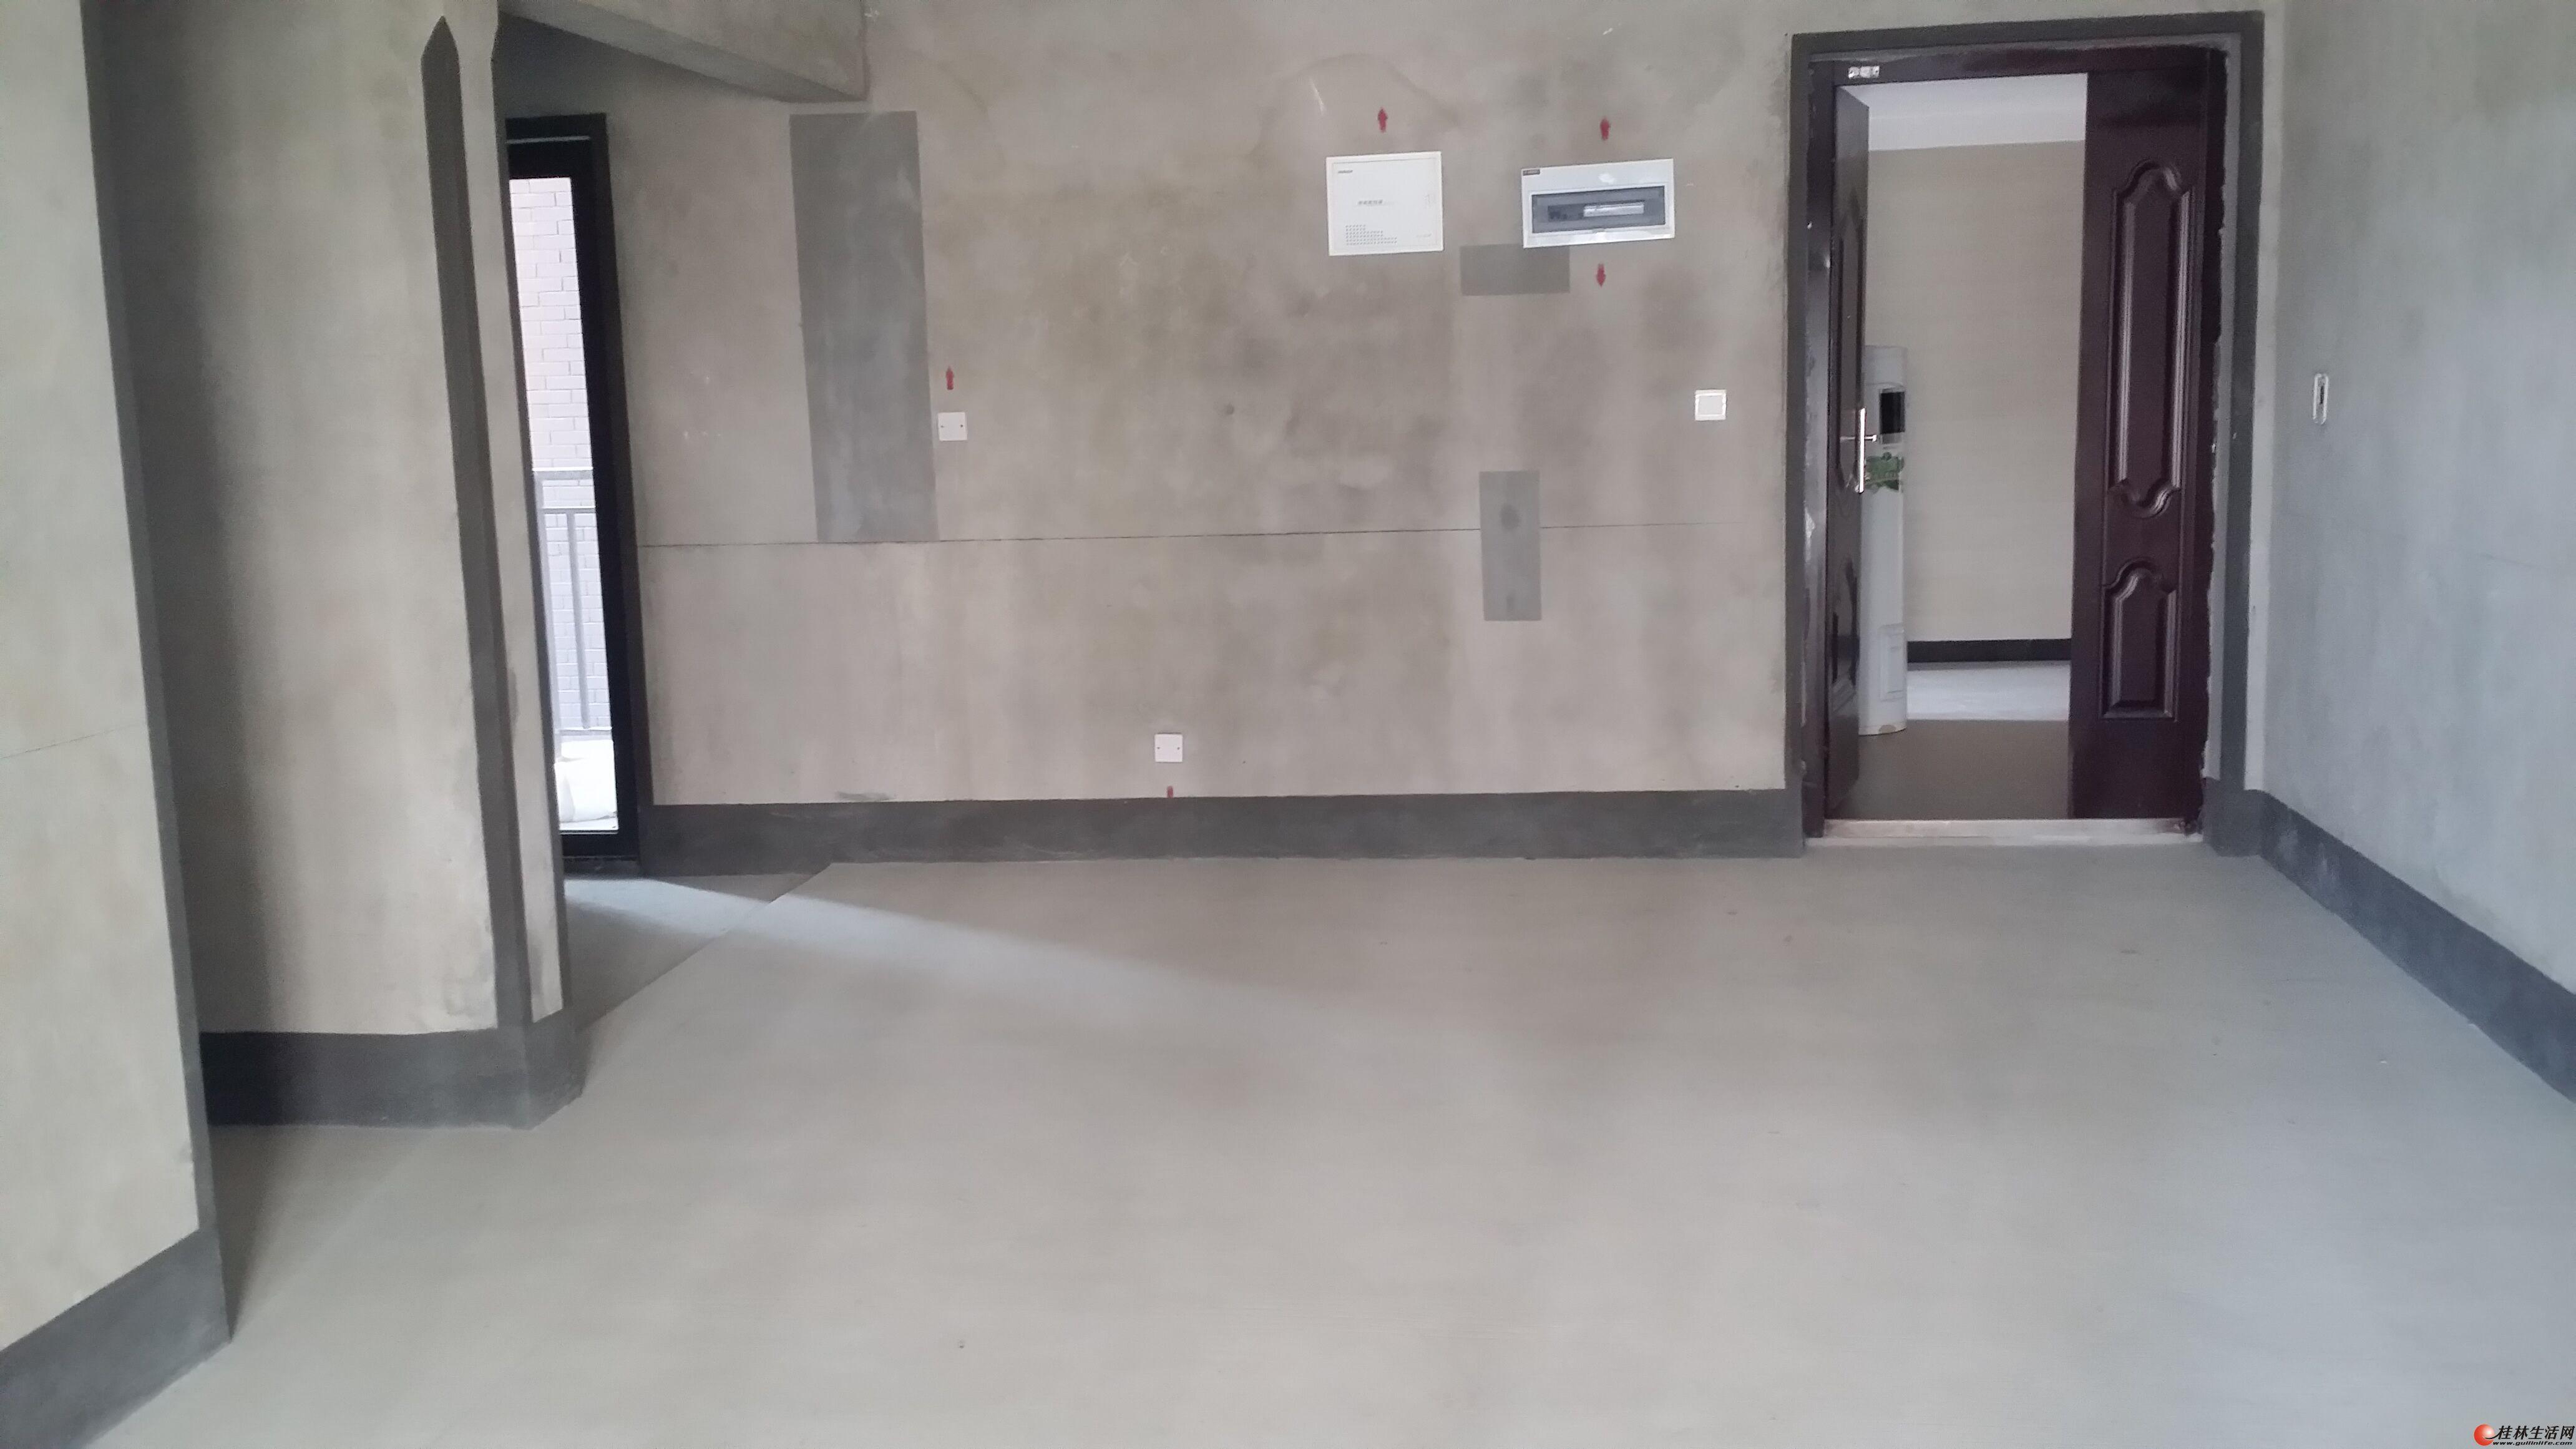 【真实房源】三里店【彰泰睿城】3楼清水3房【惊喜价出售】100万